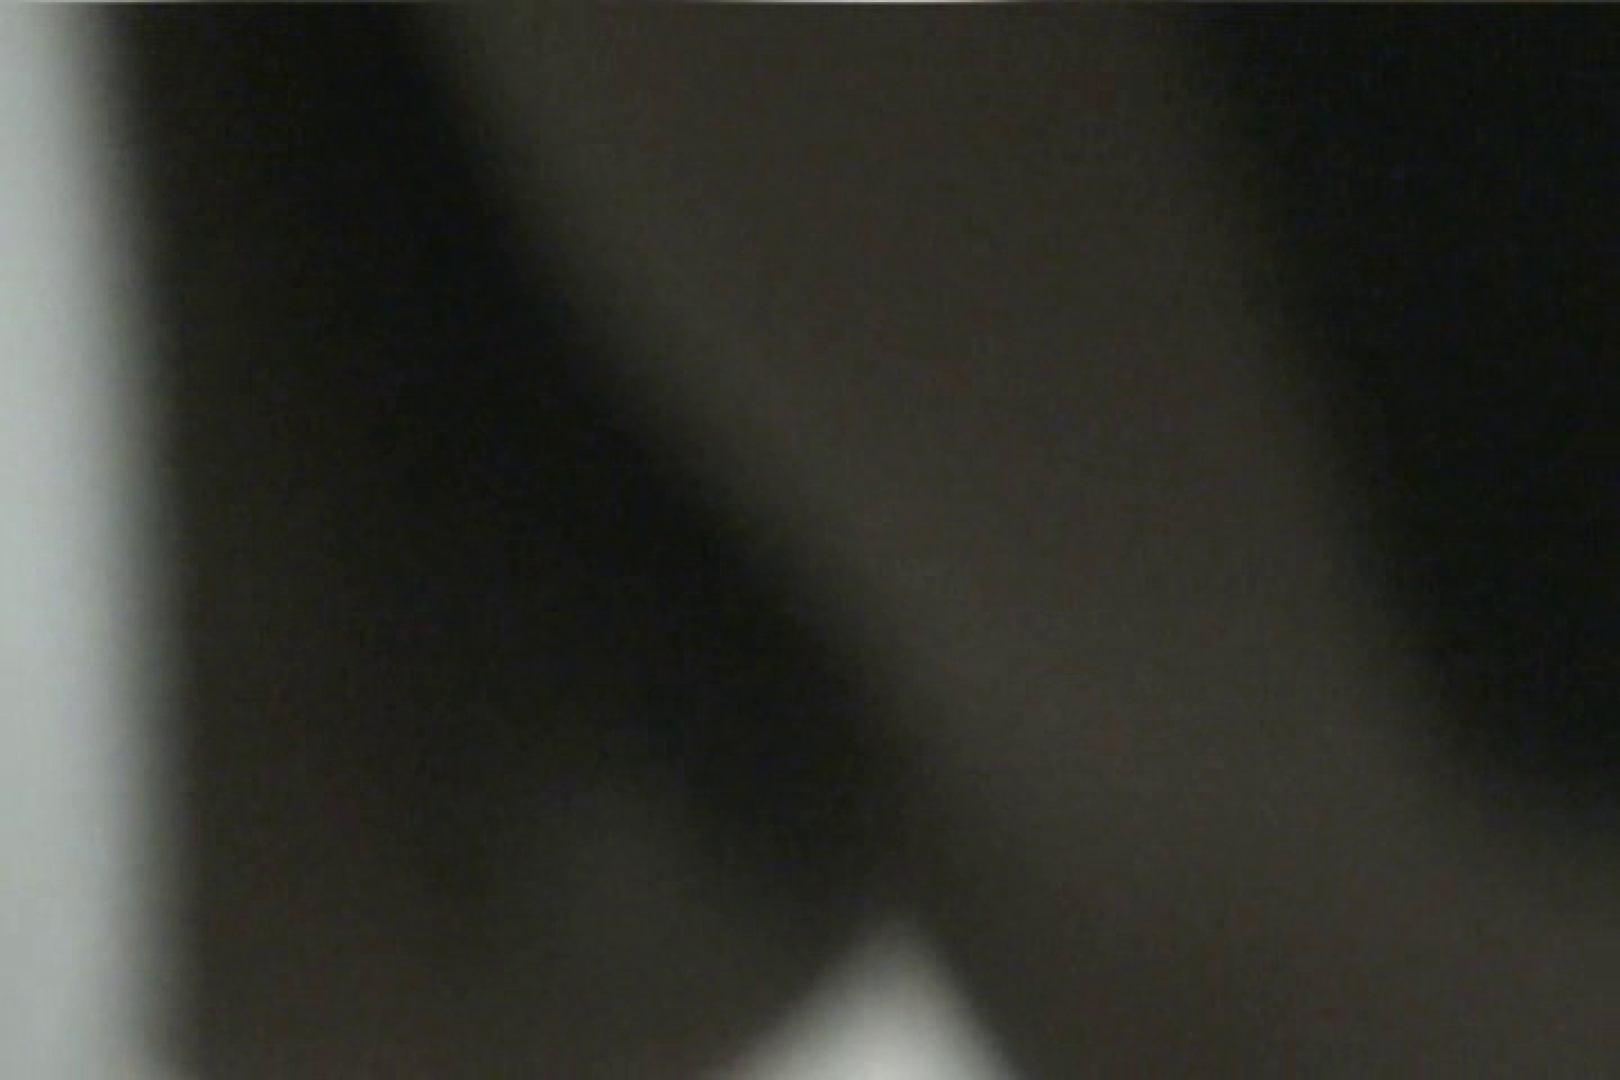 マンコ丸見え女子洗面所Vol.31 OLセックス 覗きぱこり動画紹介 91画像 46